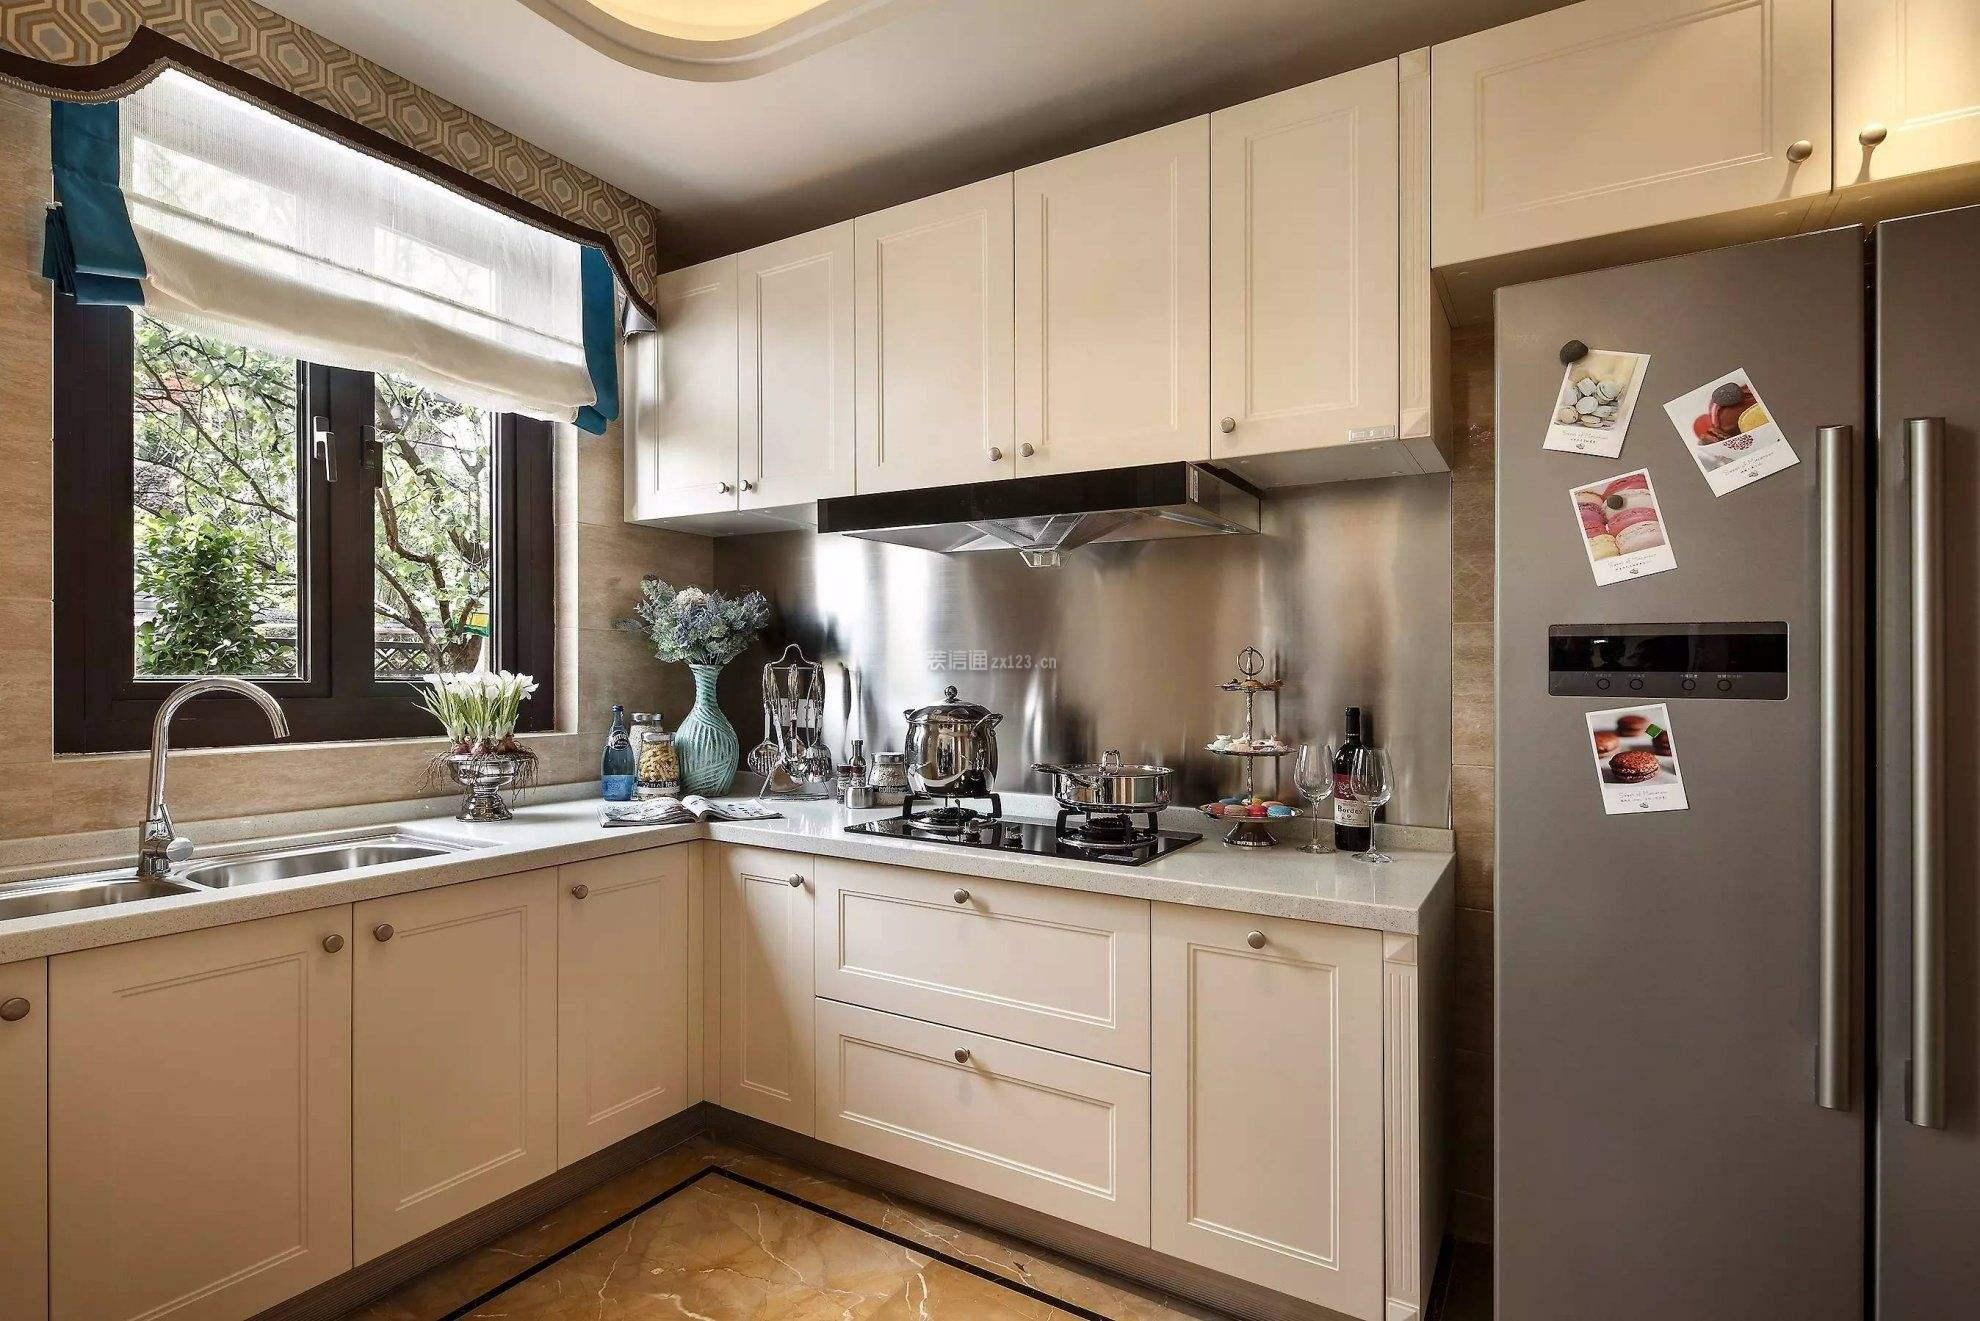 越来越多人不装厨房吊柜了,他们更潮流这样设计,省钱实用省空间